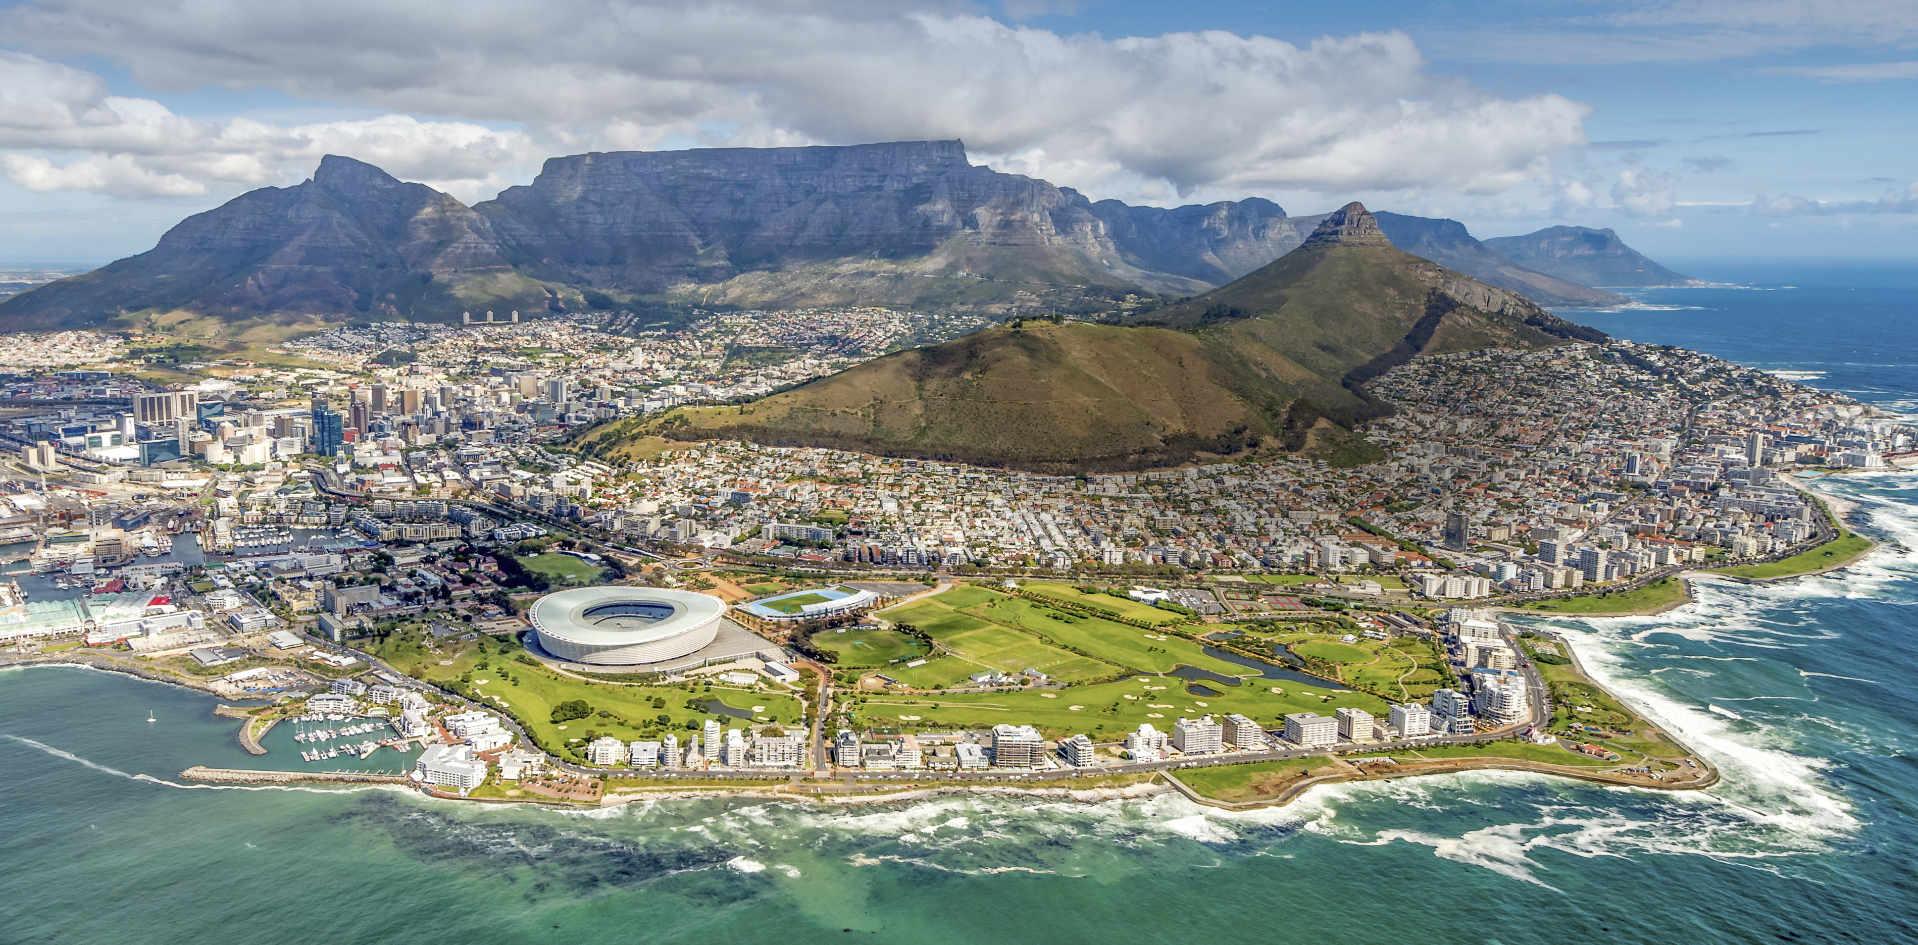 Afrika Selatan - Negara Dengan Tingkat Kriminal Paling Tinggi di Dunia, Berani Pergi Ke Sana